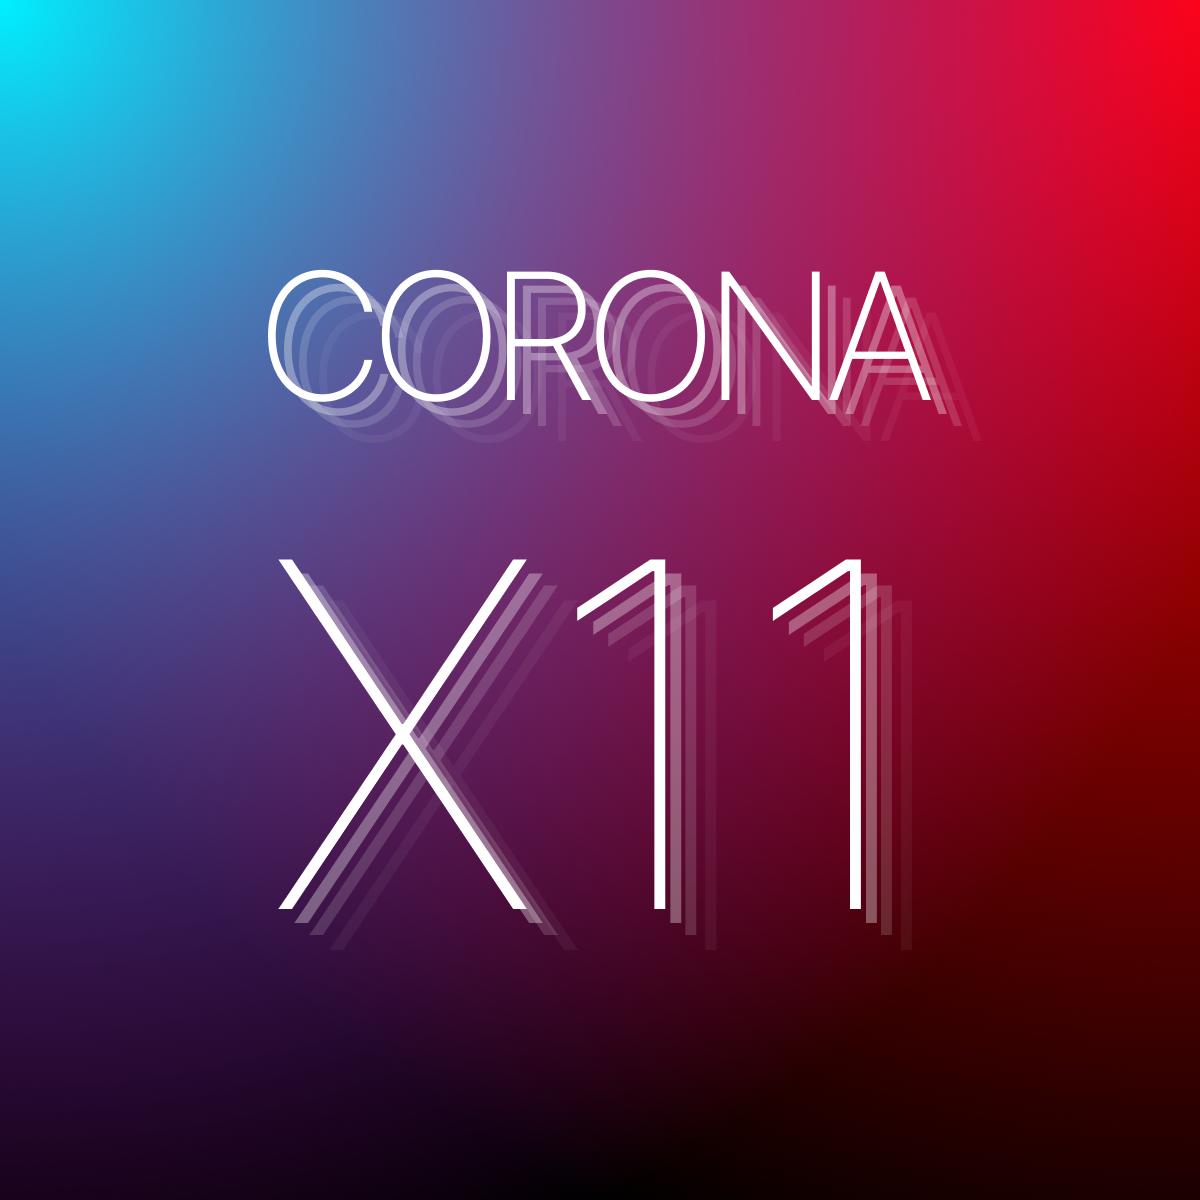 CoronaX11